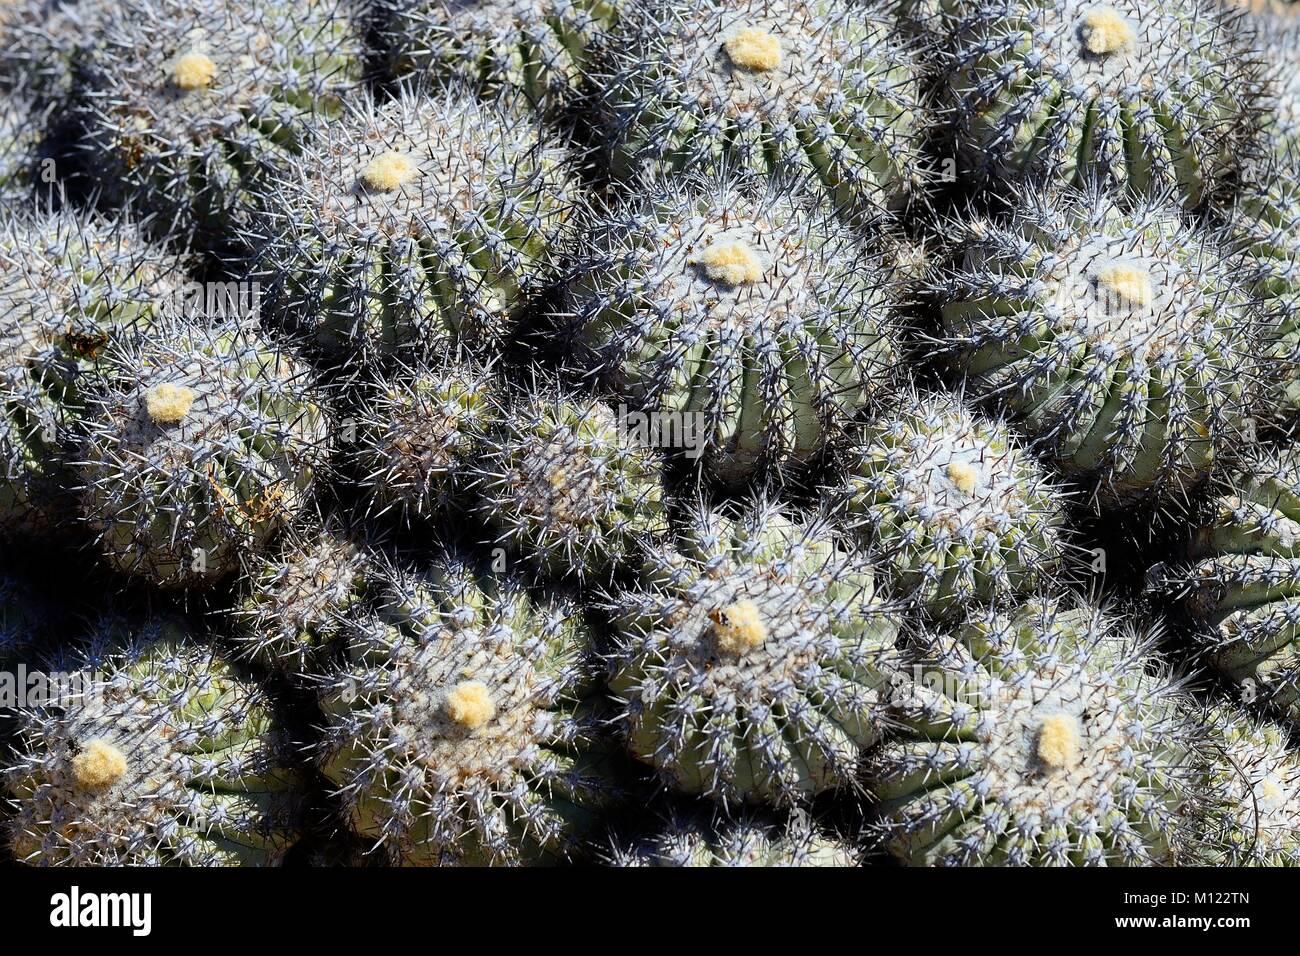 Cactus (Copiapoa cinerascens),Pan de Azúcar National Park,near Chañaral,Región de Atacama,Chile - Stock Image